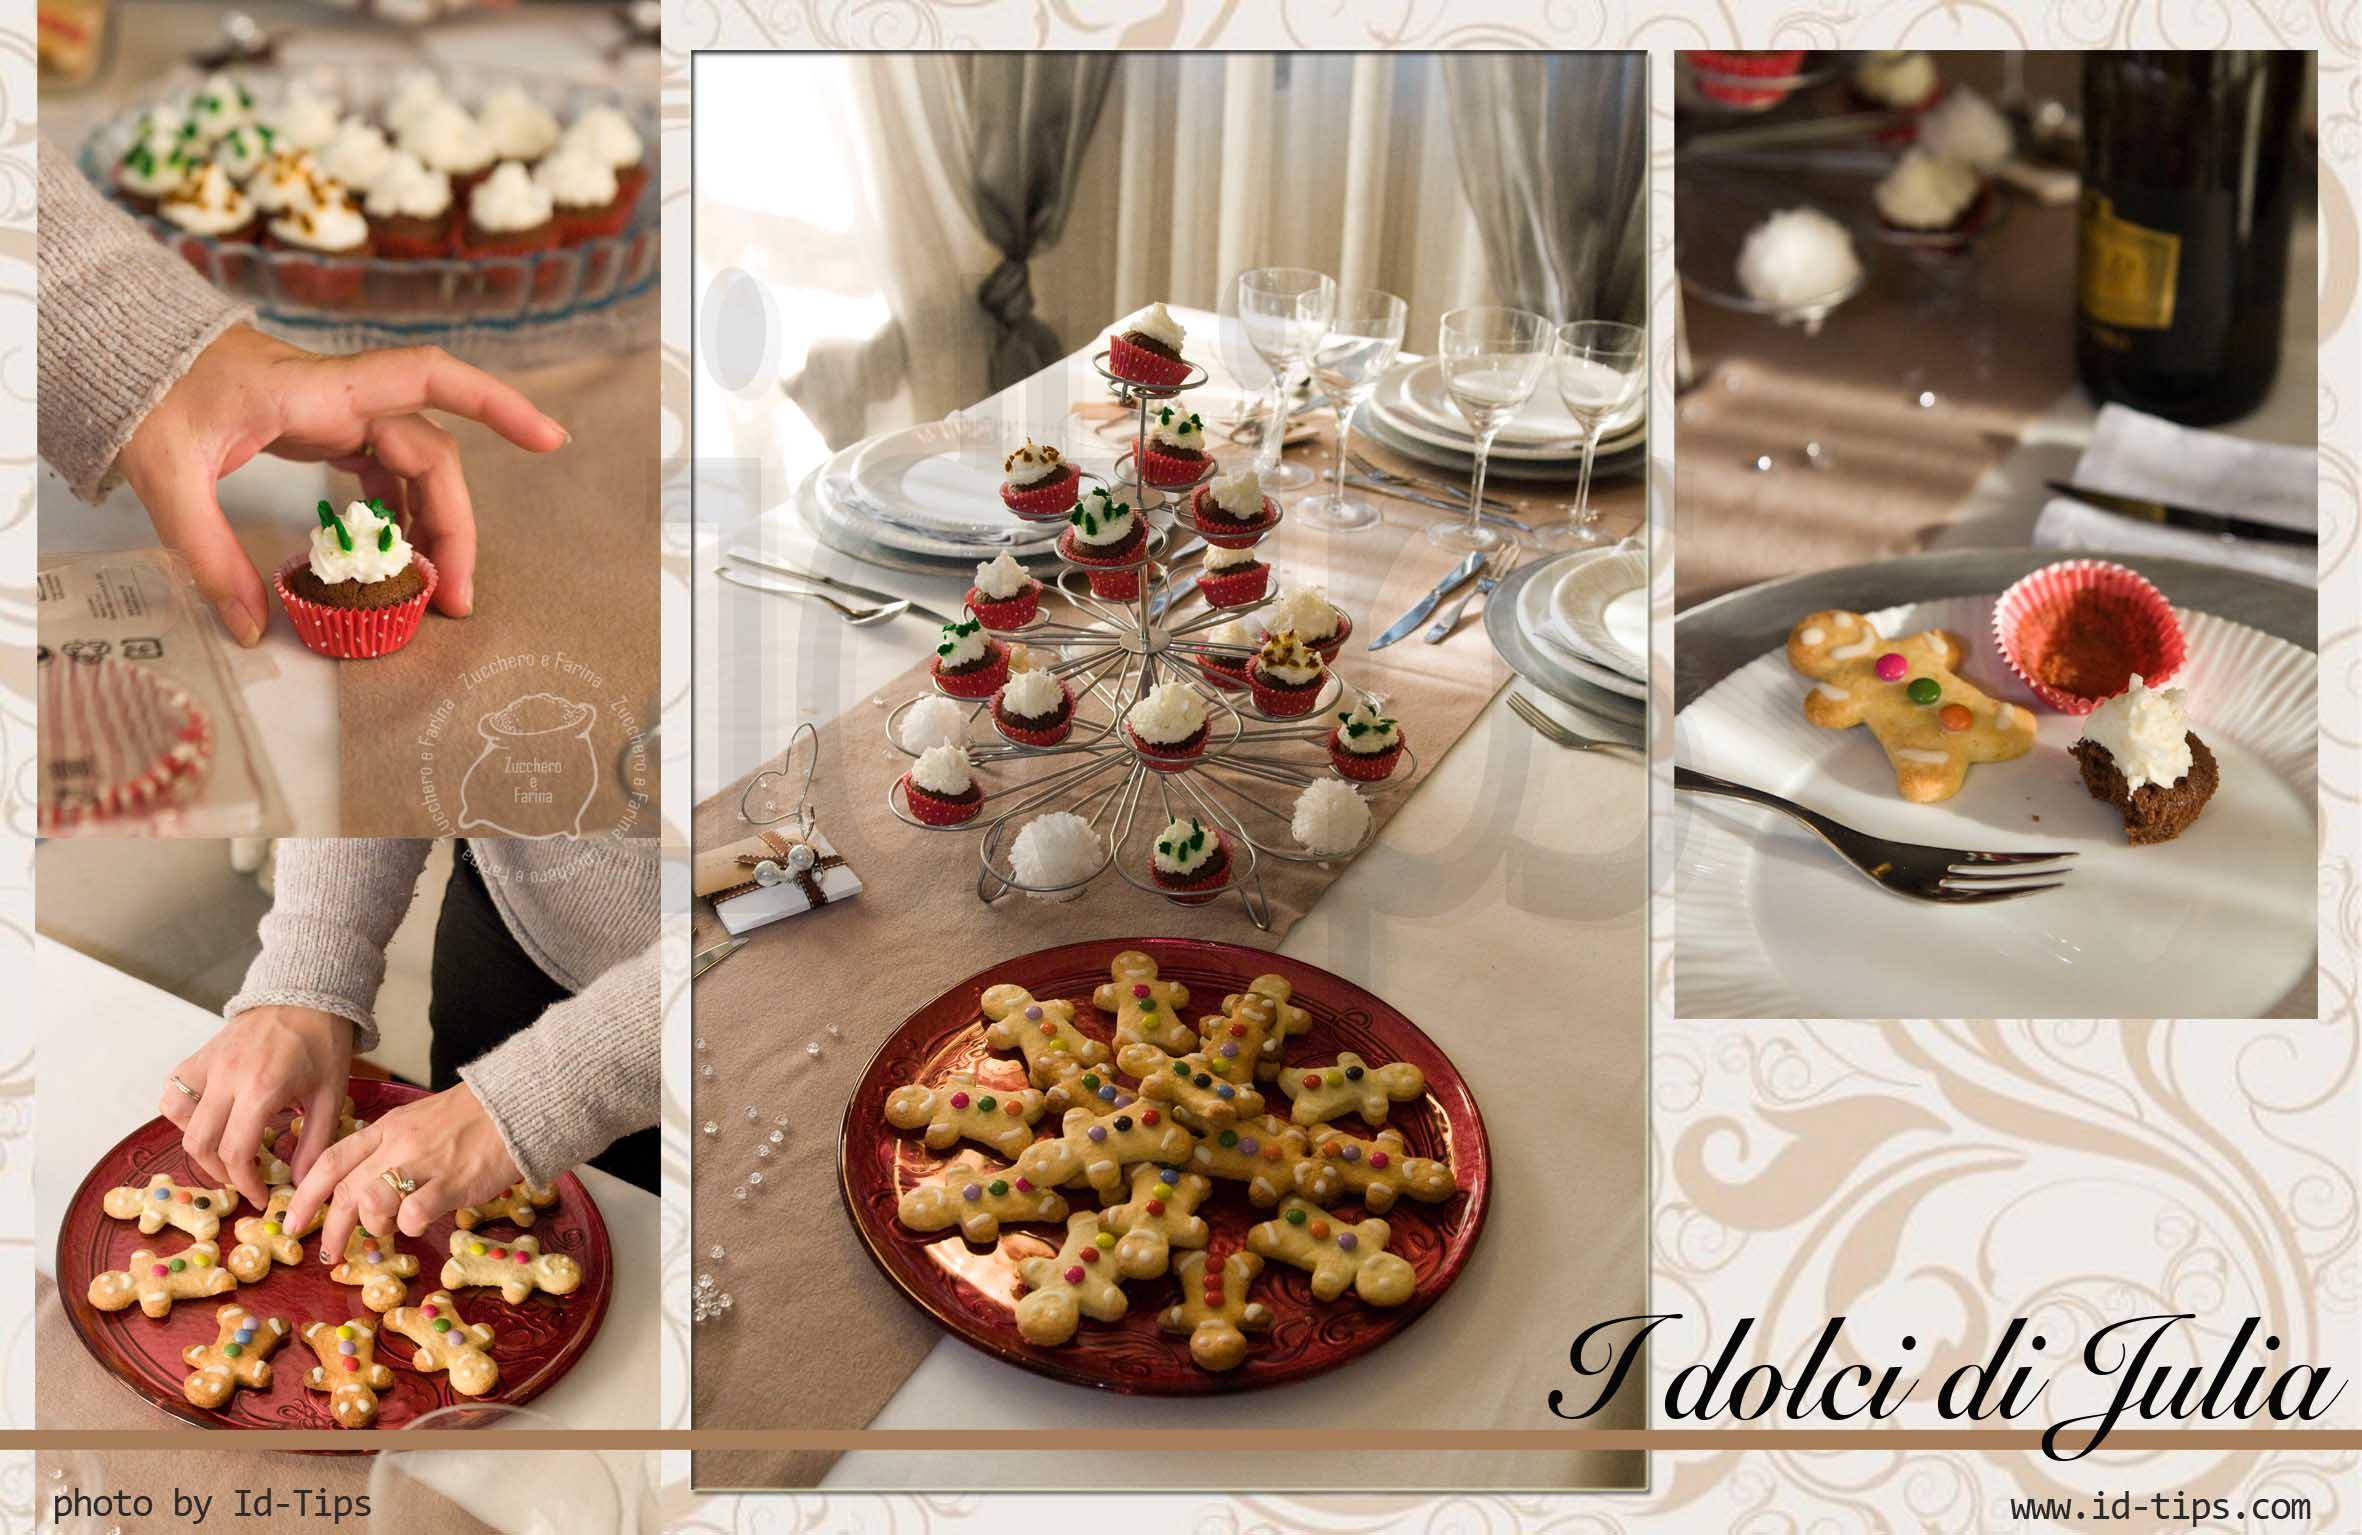 la tavola di natale secondo id-tips | id-tips | interior design ... - Decorazioni Natalizie Tavola